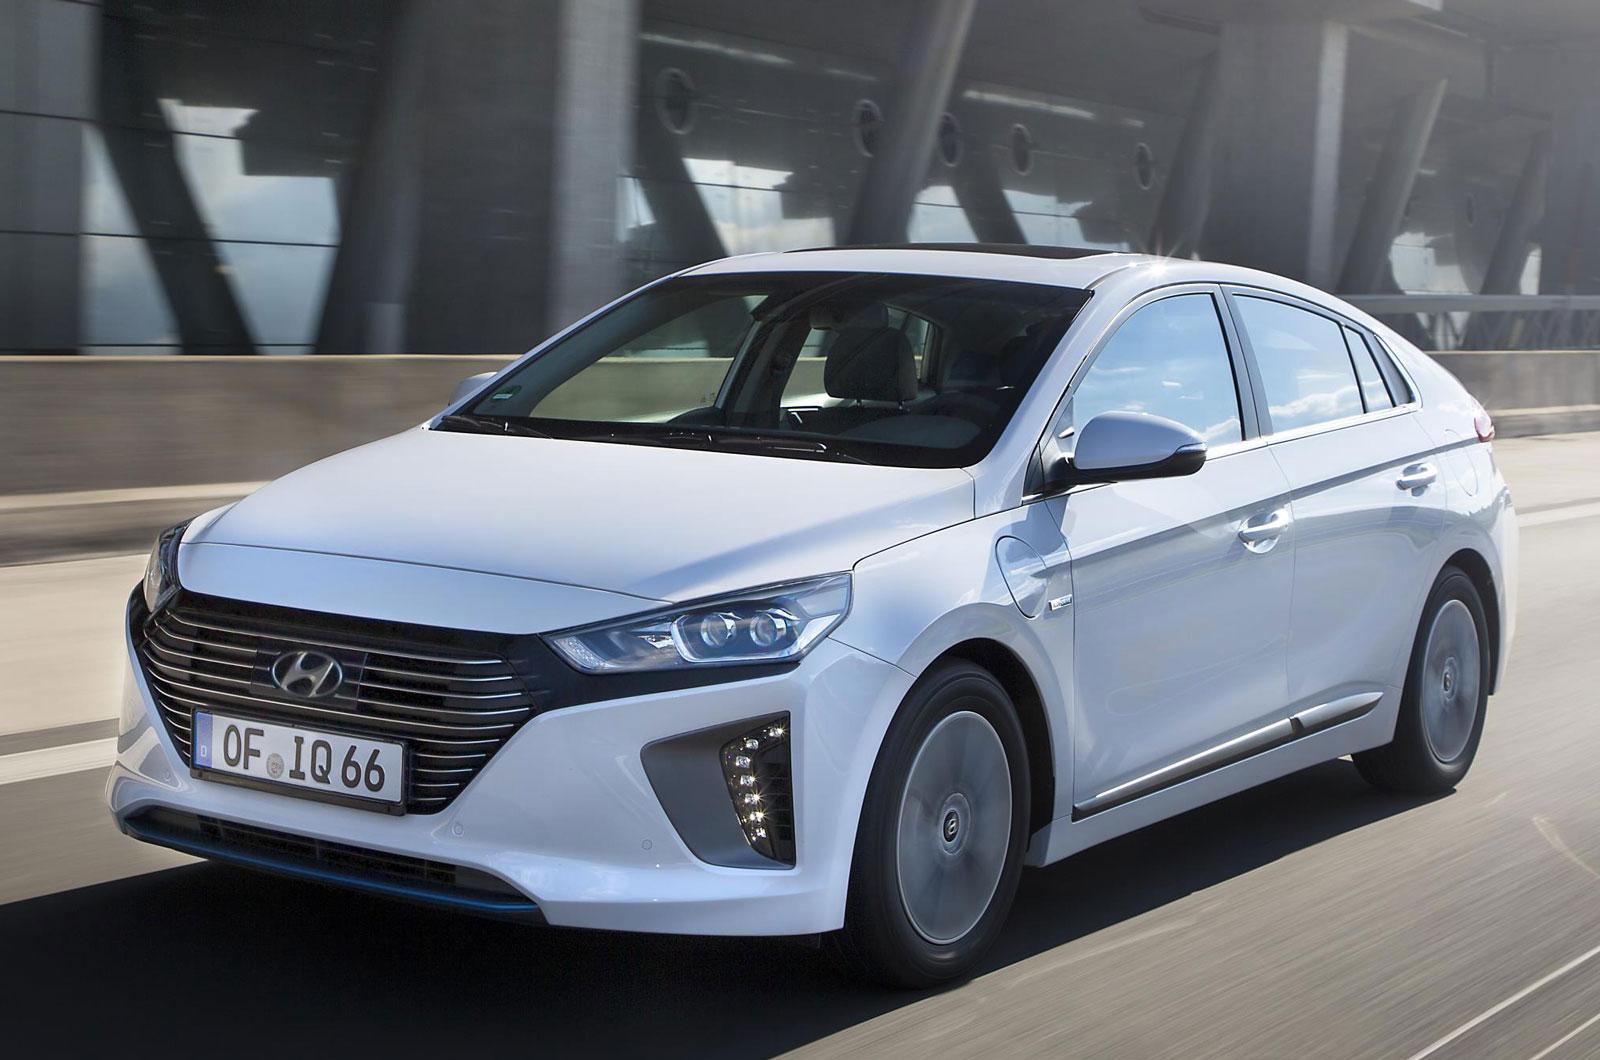 Новый плагин Hyundai Ioniq для подключения электрифицированного диапазона, стоимостью от 24 995 фунтов стерлингов